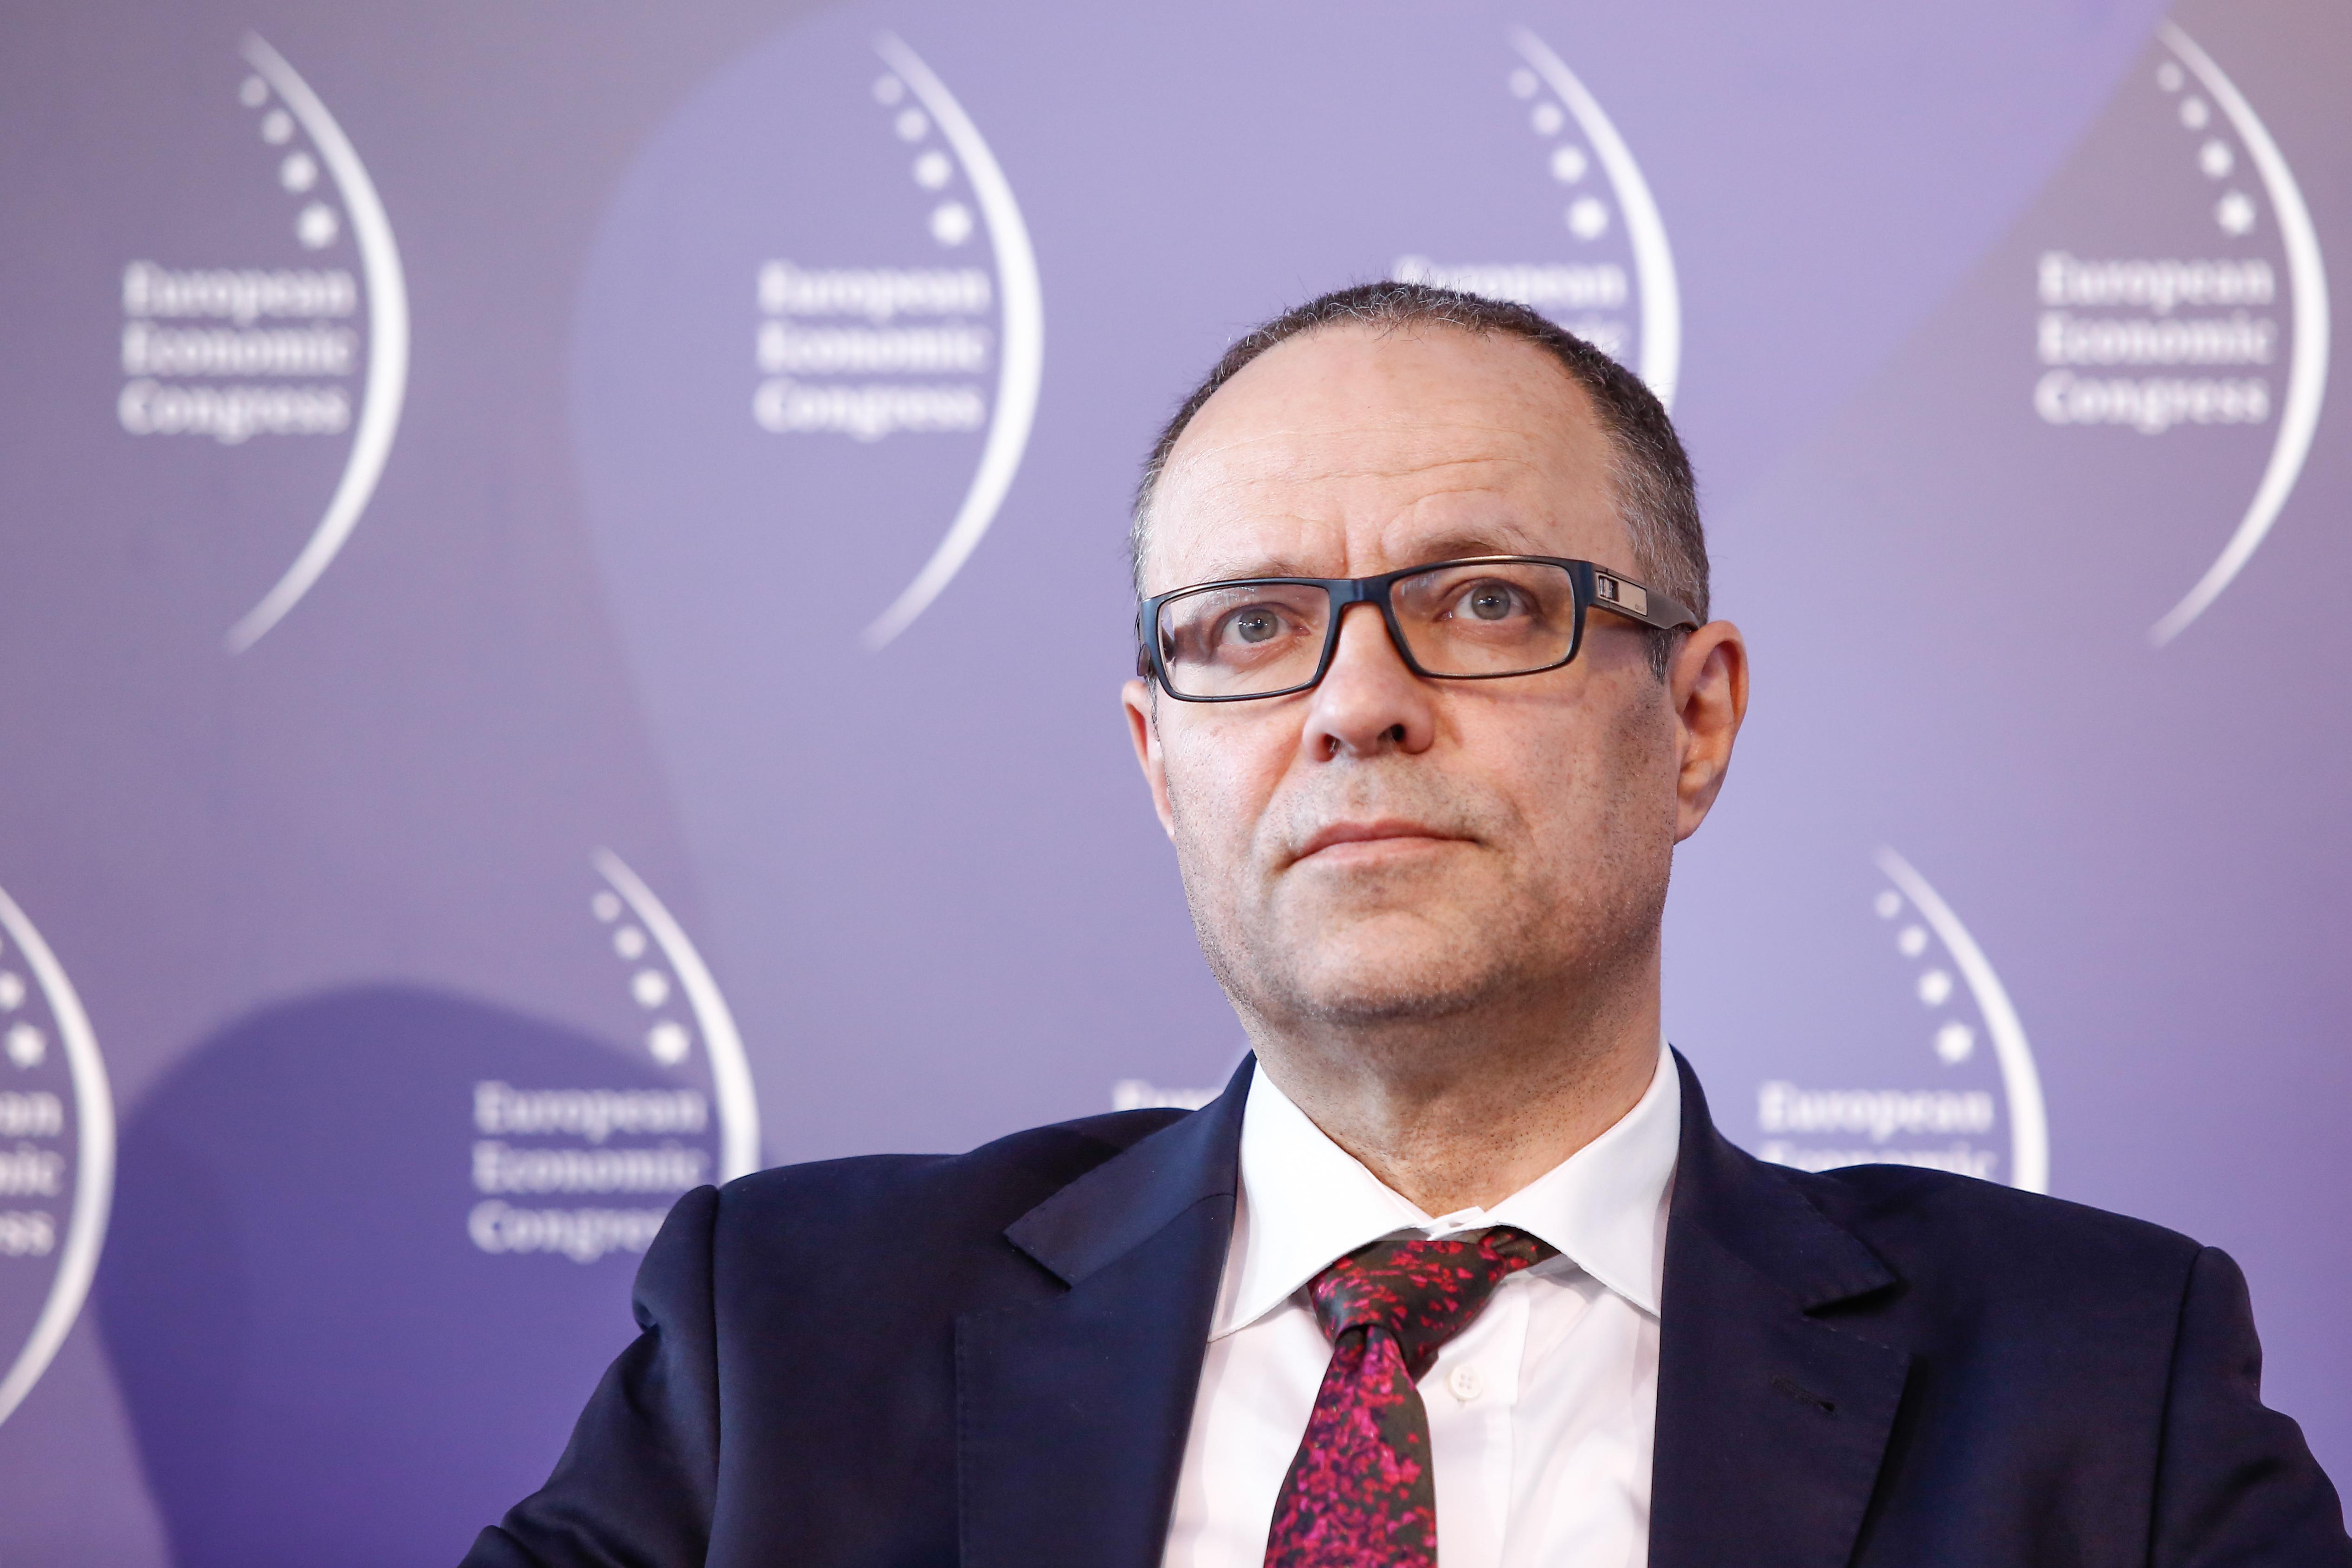 Włodzimierz Hrymniak, dyrektor Departamentu Programów Sektorowych w Polskim Funduszu Rozwoju (fot. PTWP)